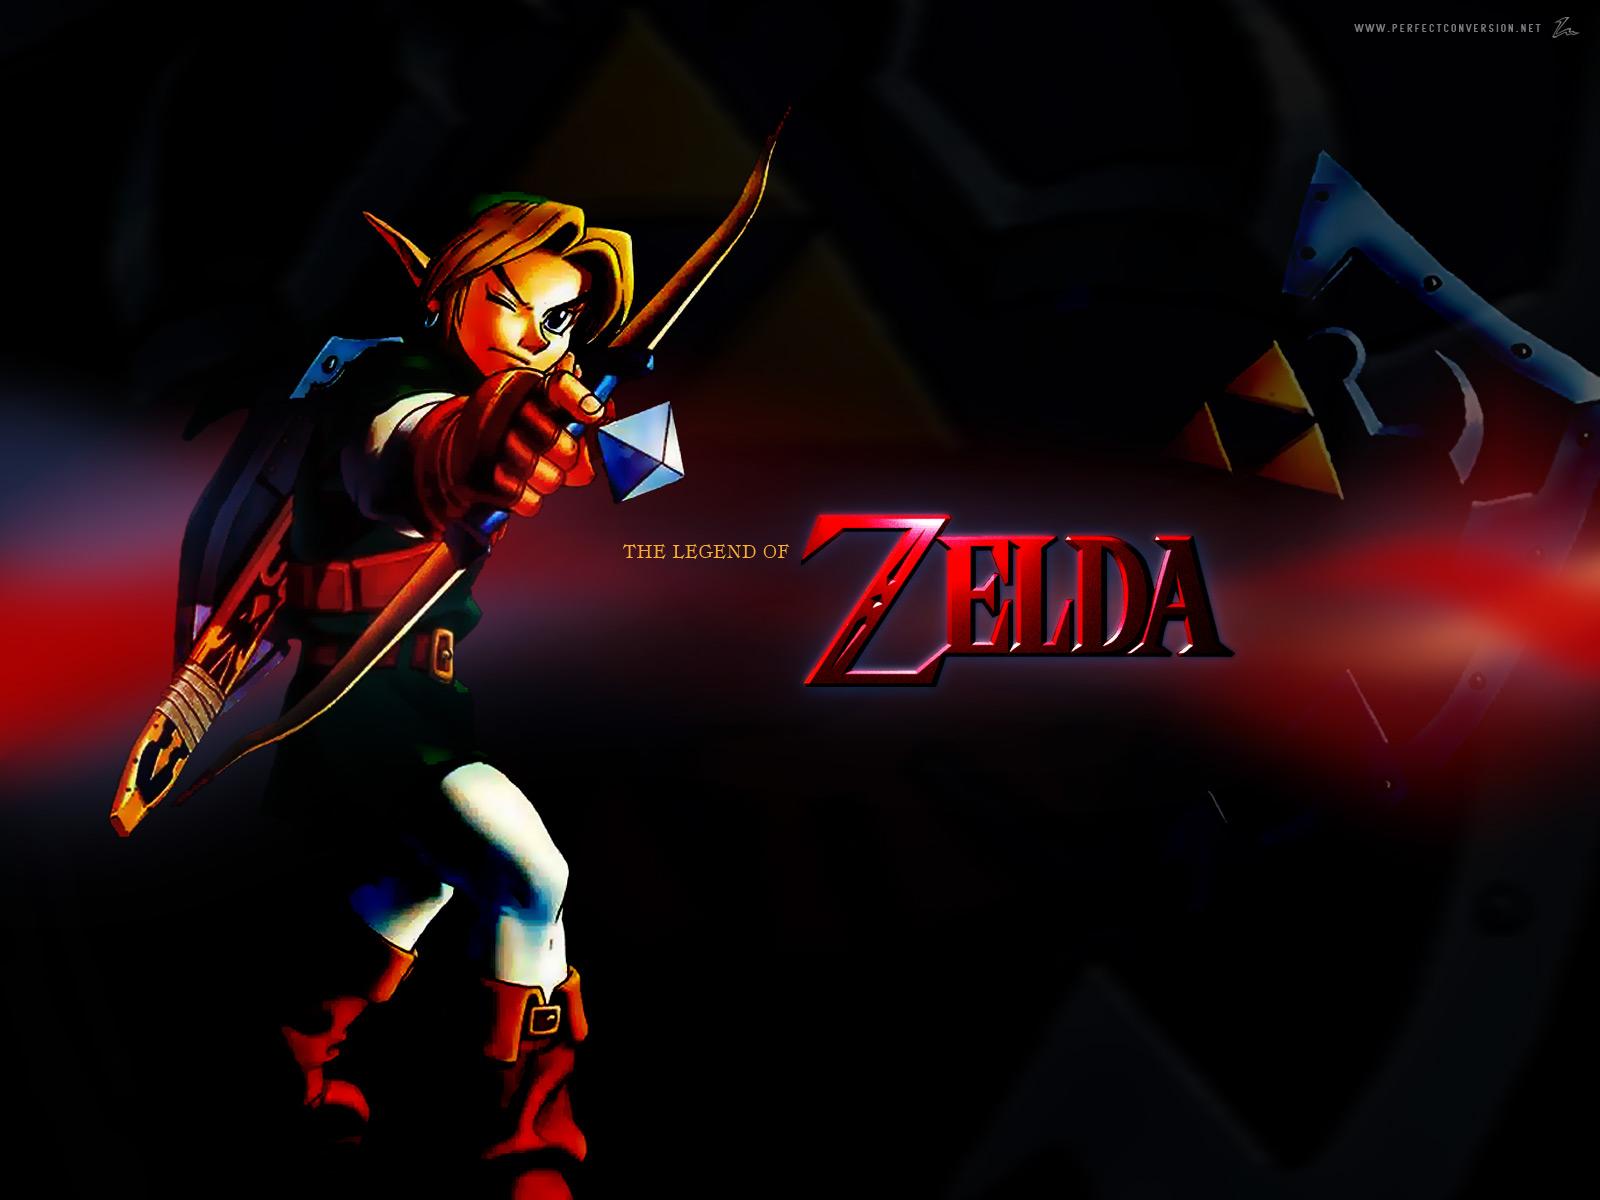 legend of zelda desktop